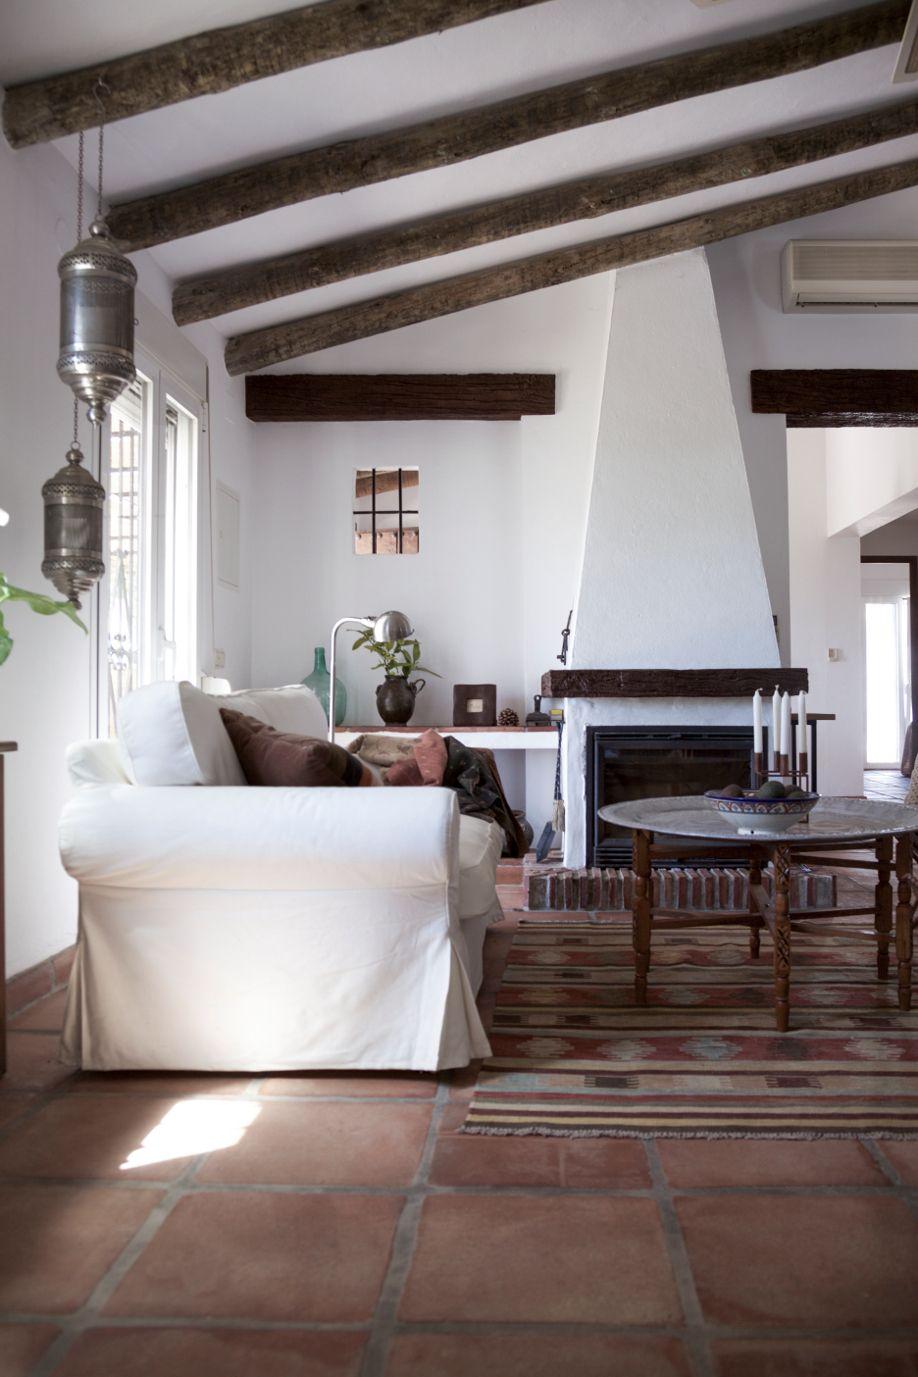 spanischer stil im eigenen zuhause mehr im ideen rund ums haus pinterest spanischer stil. Black Bedroom Furniture Sets. Home Design Ideas